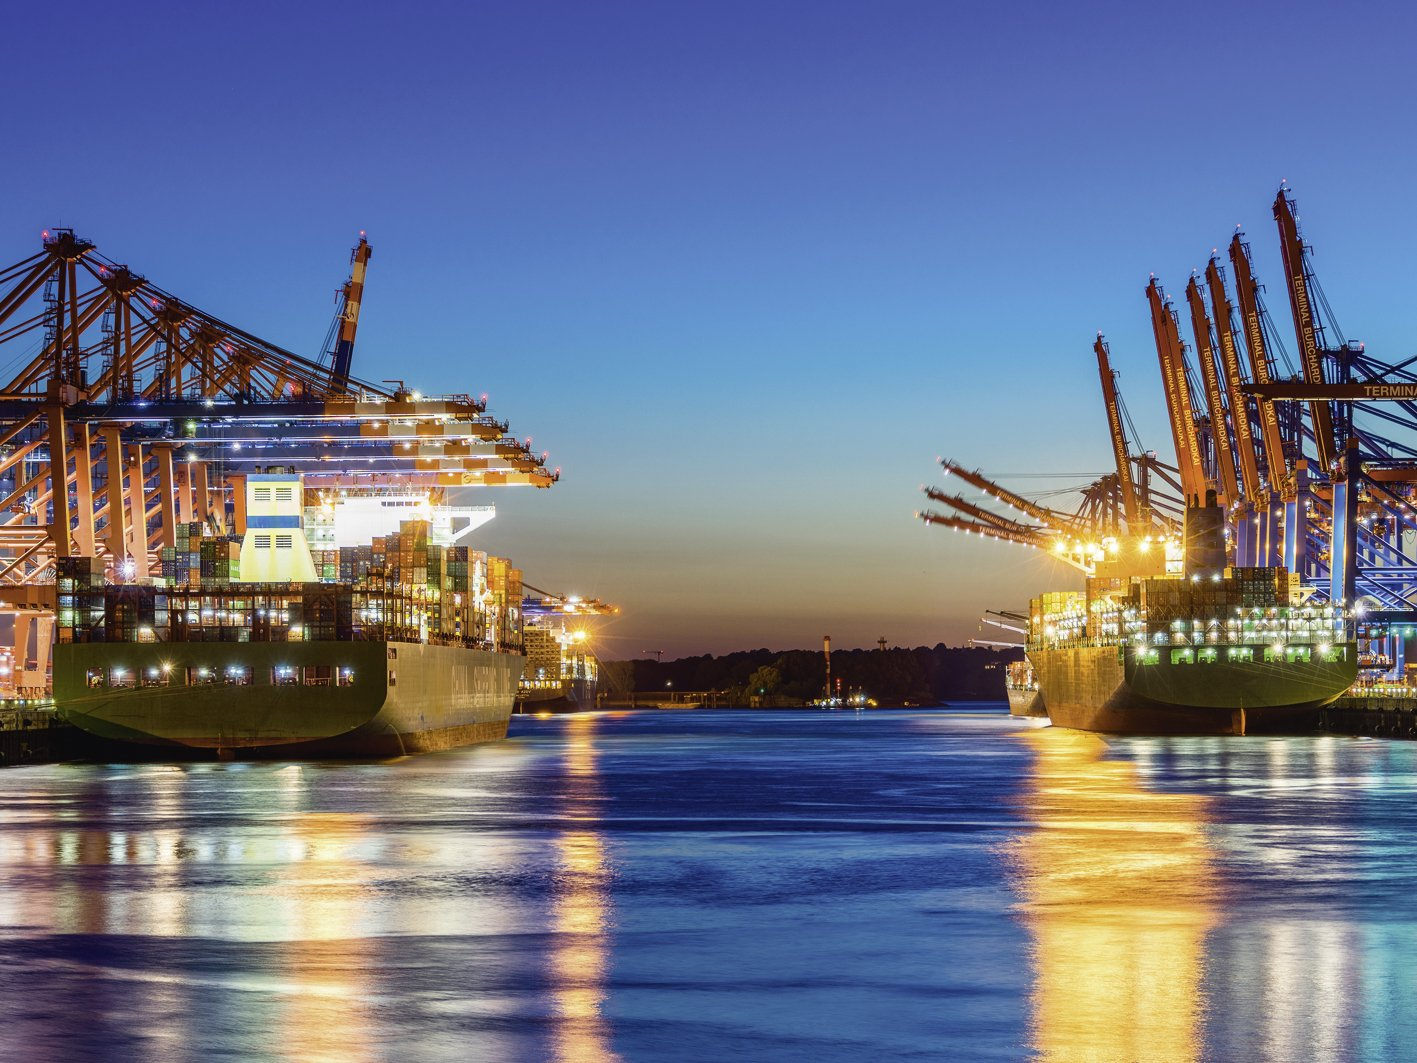 Artland Qualitätsbilder I Bild auf Leinwand Leinwandbilder Wandbilder 120 x 90 cm Städte Deutschland Hamburg Foto Bunt C0FM Hamburg Hafen am Abend 2